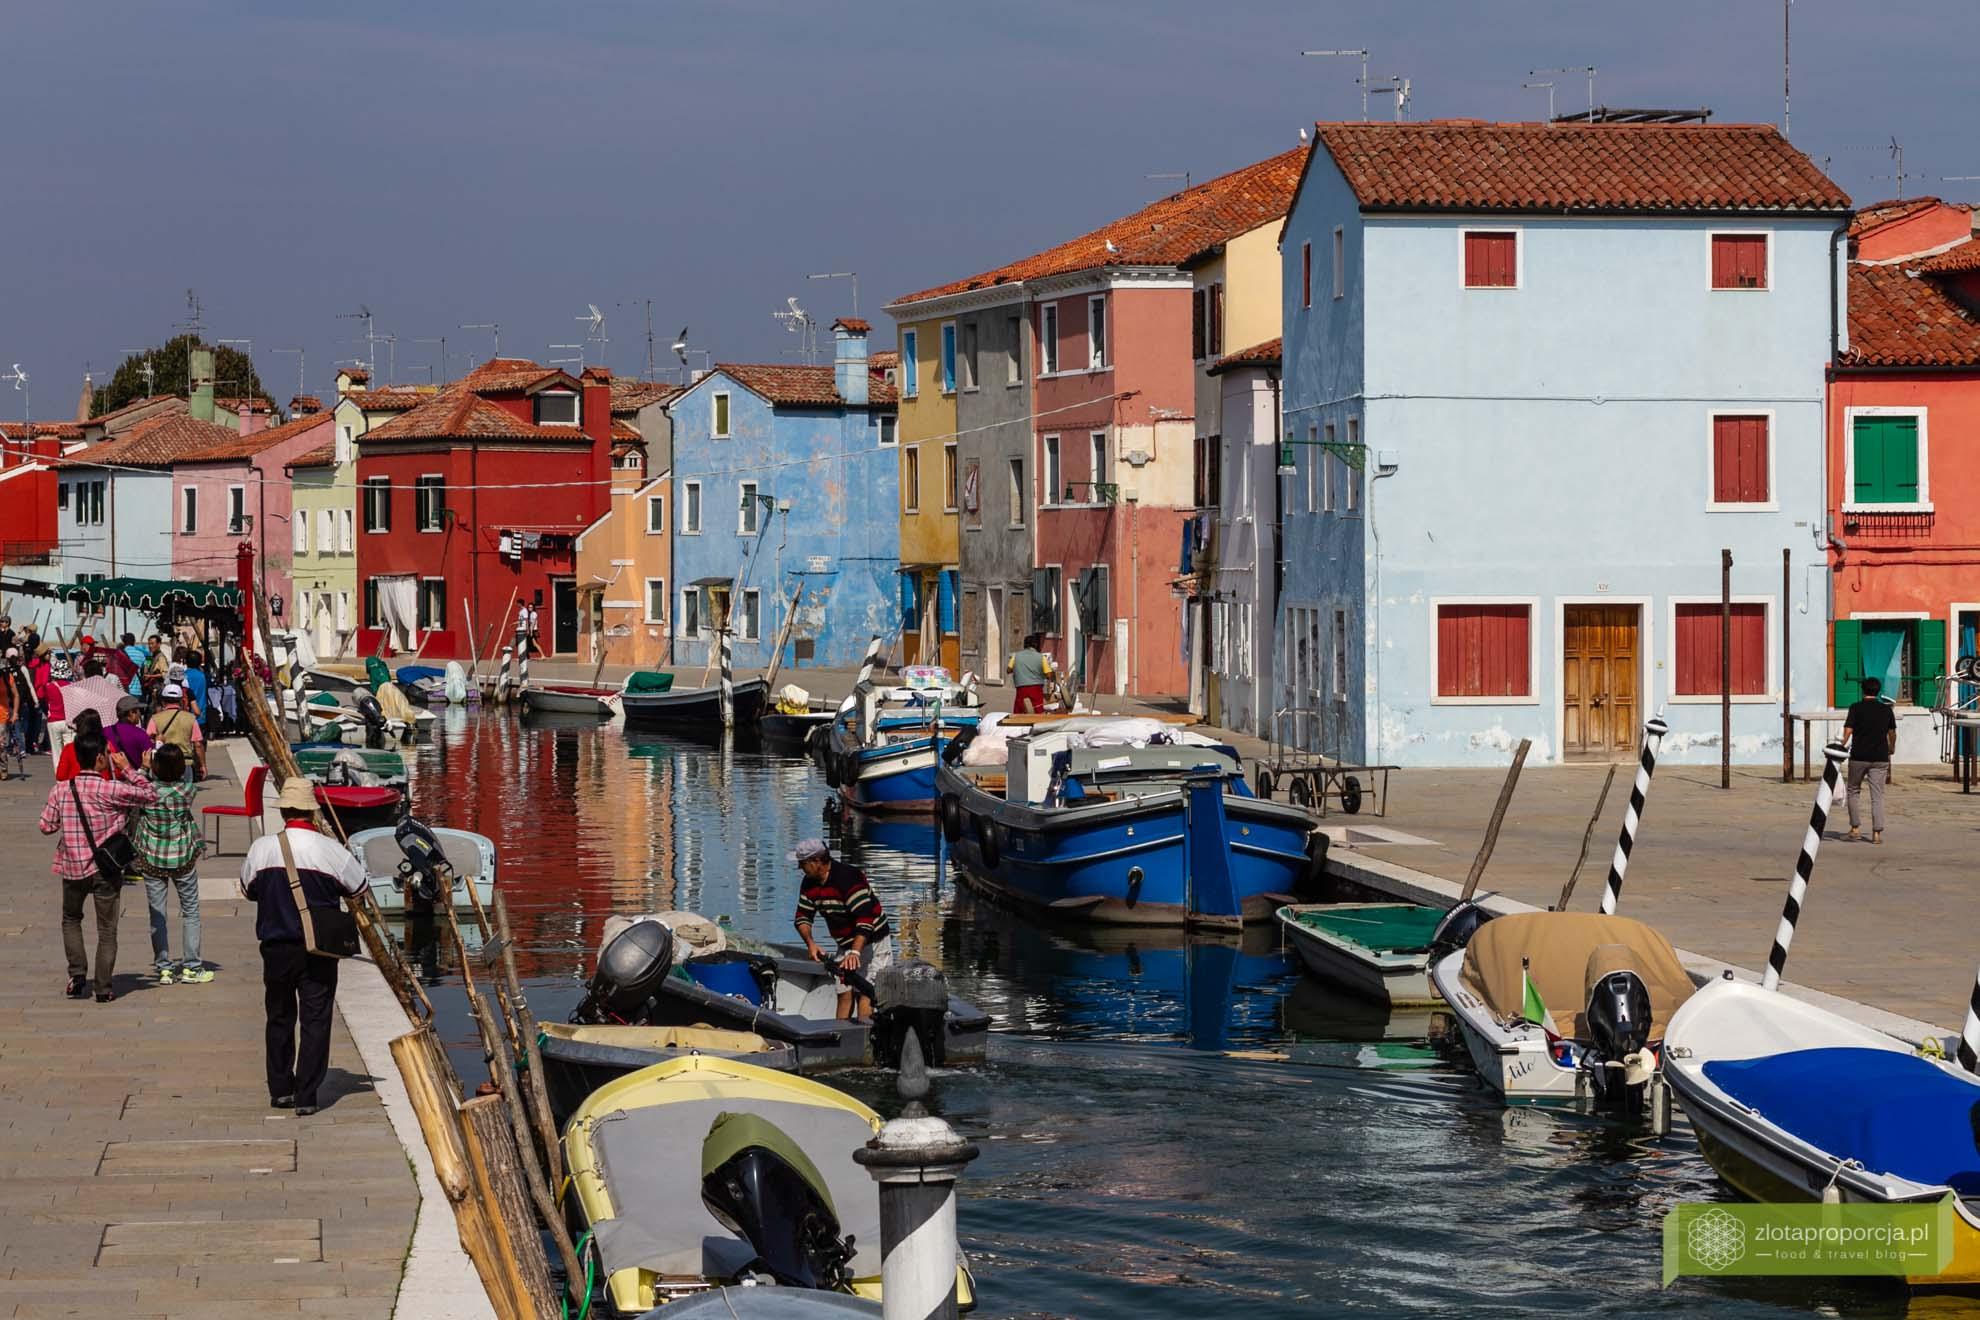 Burano, Wenecja, weneckie wyspy, atrakcje Wenecji; Włochy; atrakcje Włoch; Burano zwiedzanie; Wenecja kolorowa wyspa;